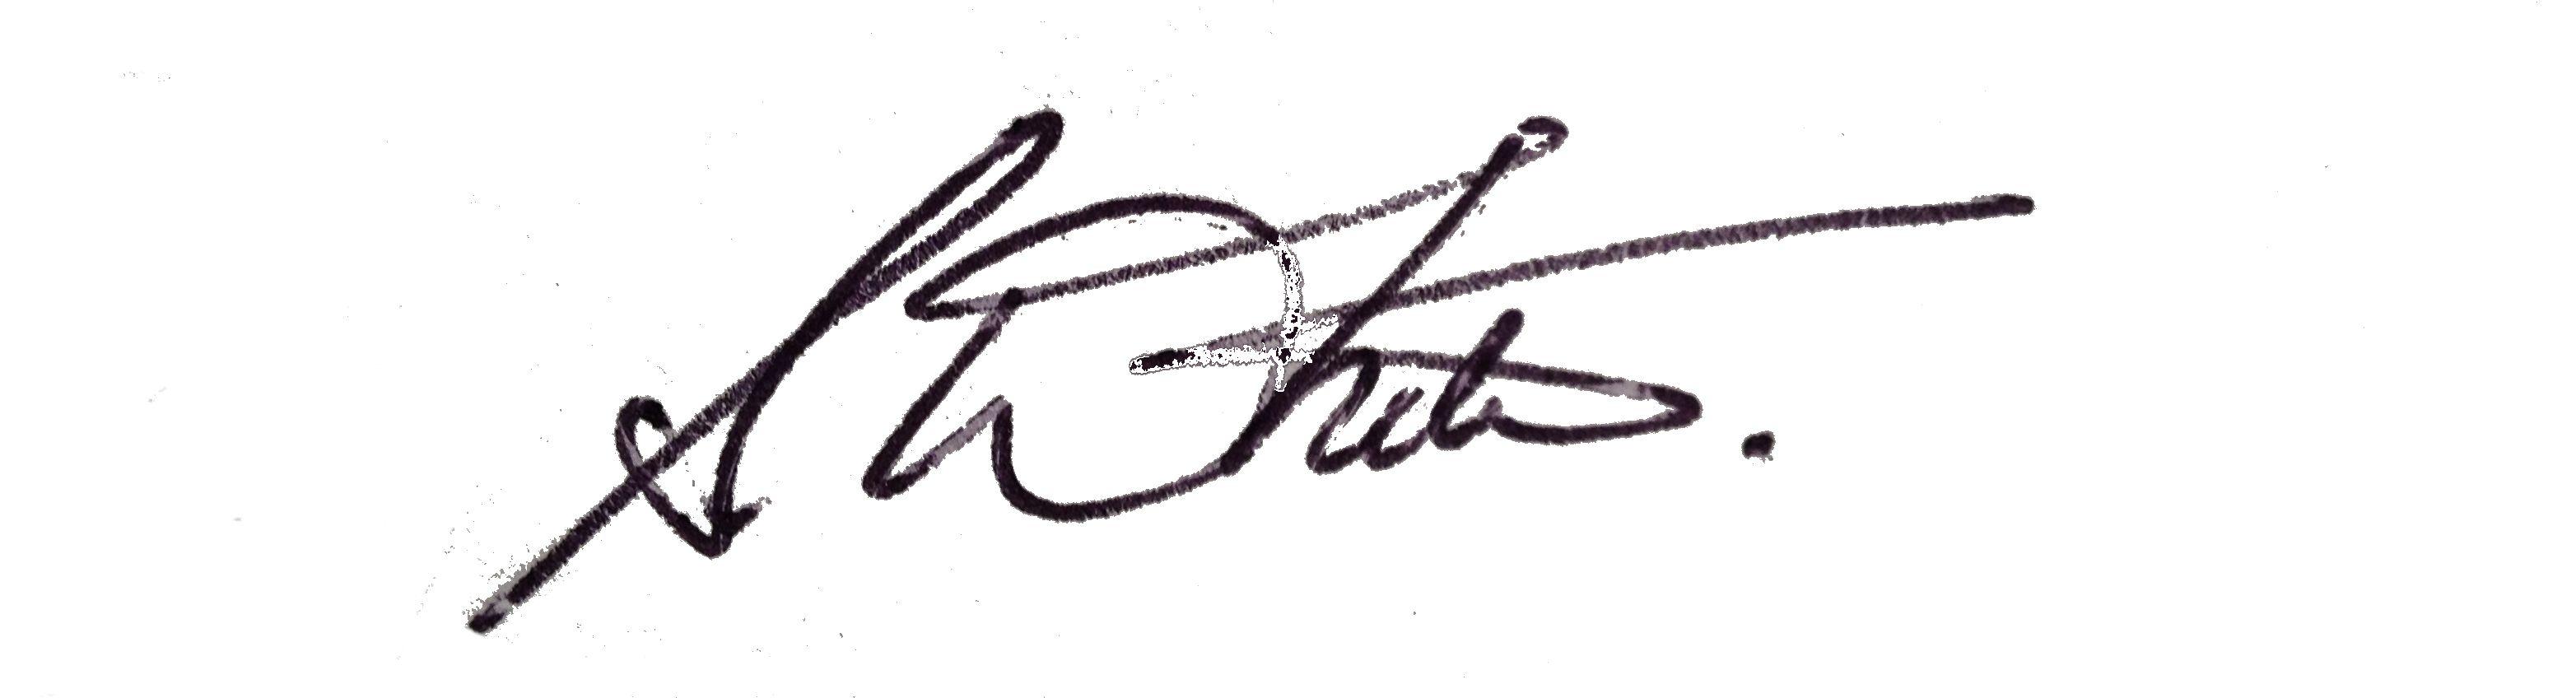 Sarah White's Signature